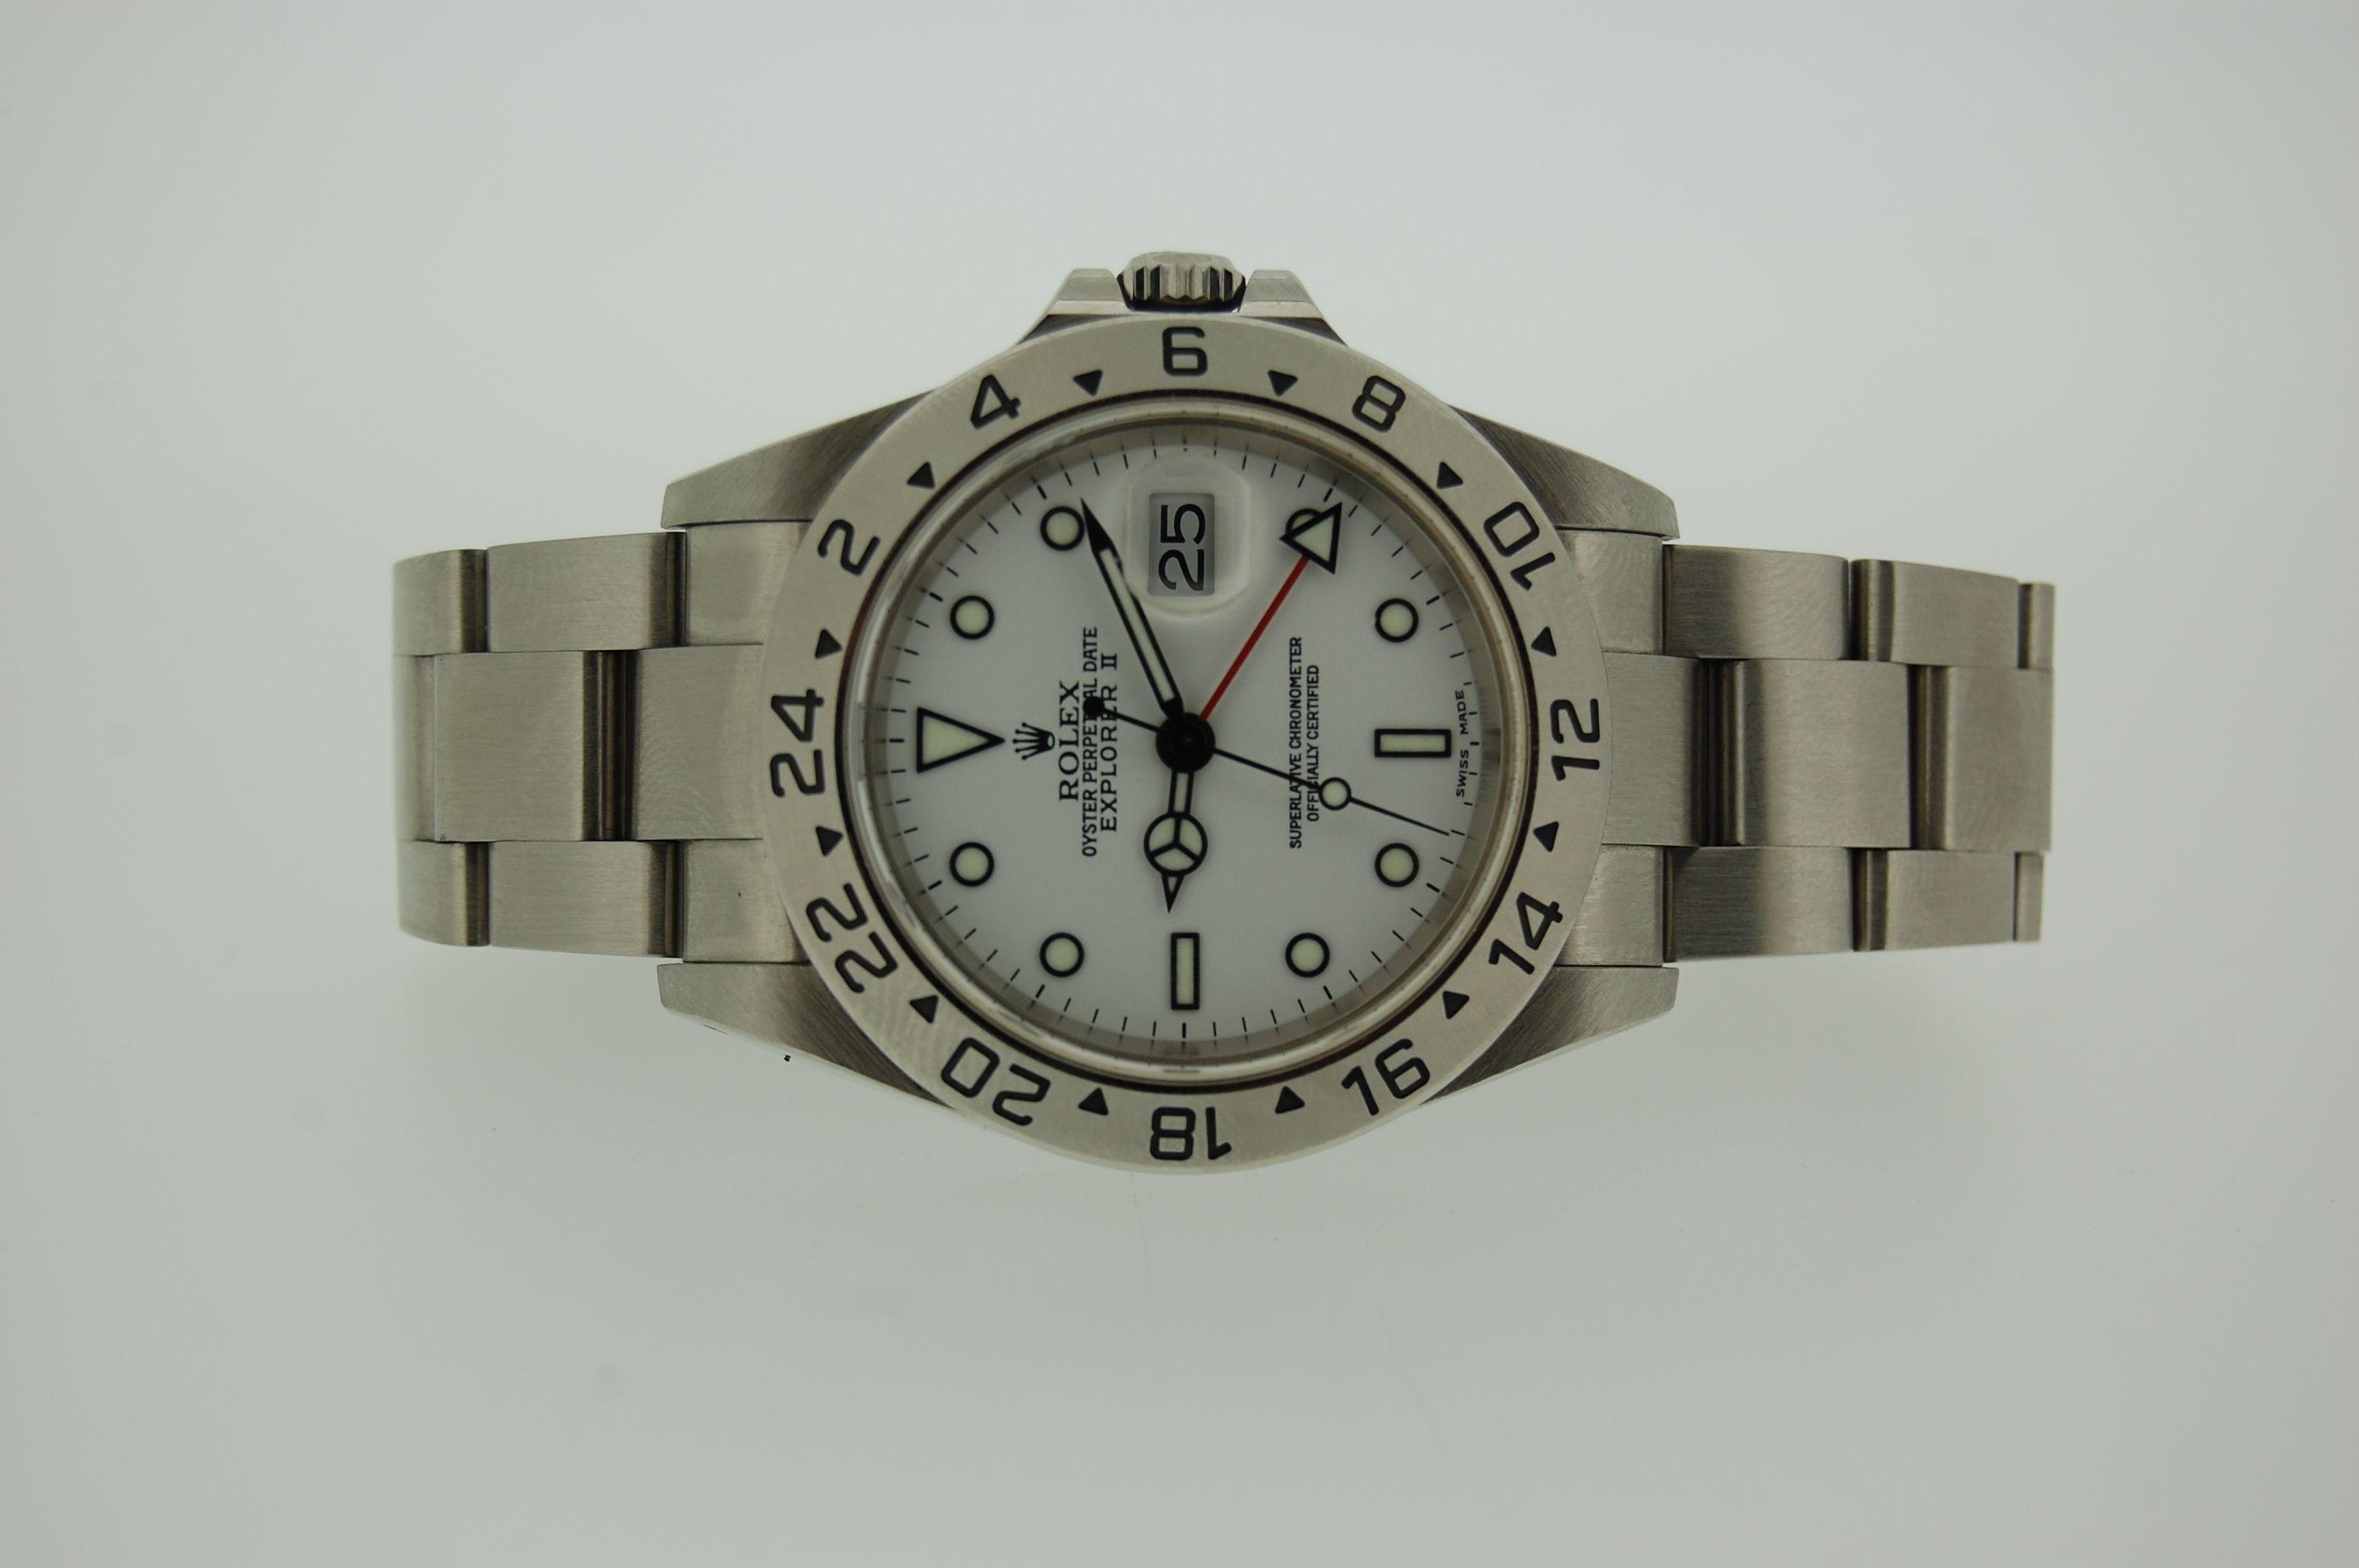 Marca : Rolex Modelo : Explorer ll Referencia : 16570 Movimiento : Automatico Material : Acero Tamano : 40 mm Ano : 2001